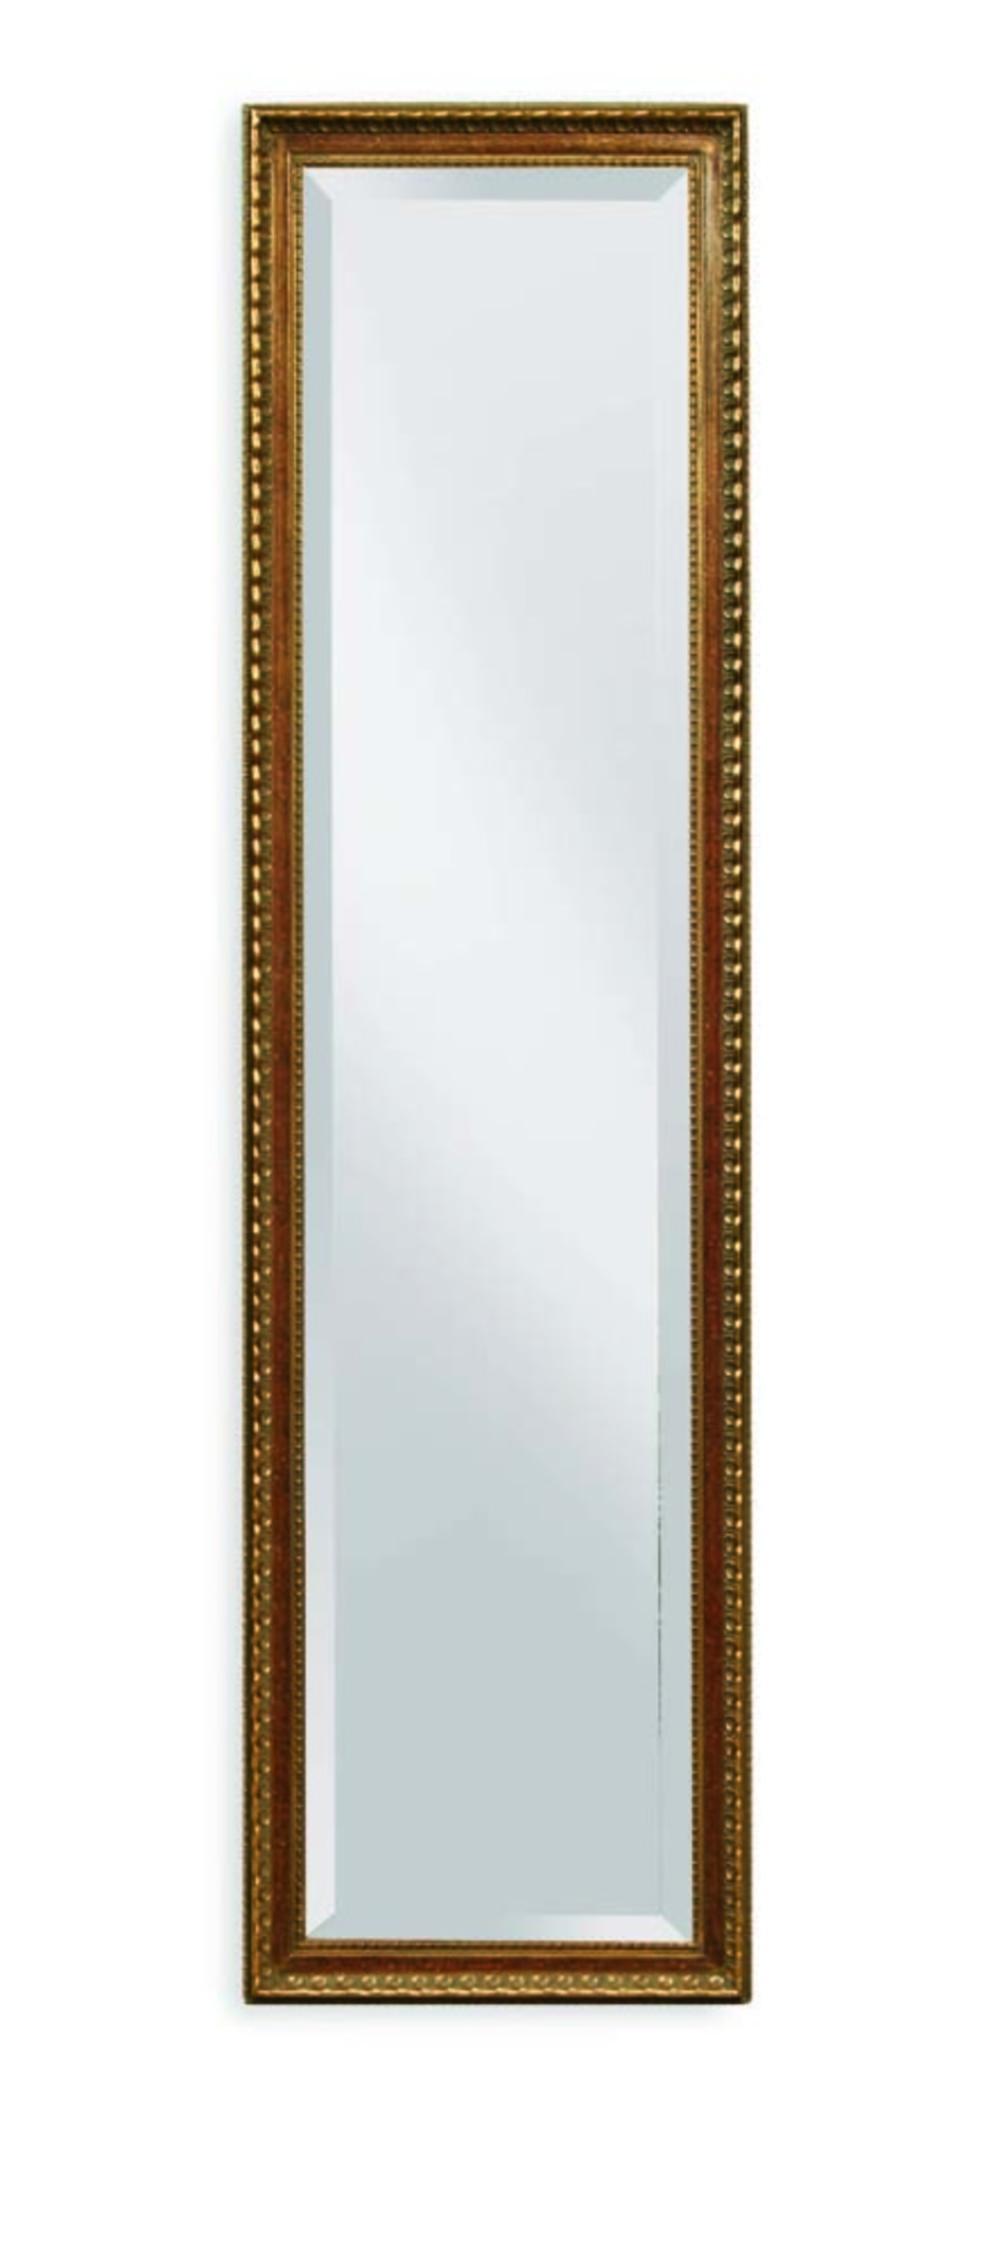 Bassett Mirror Company - Arabella Cheval